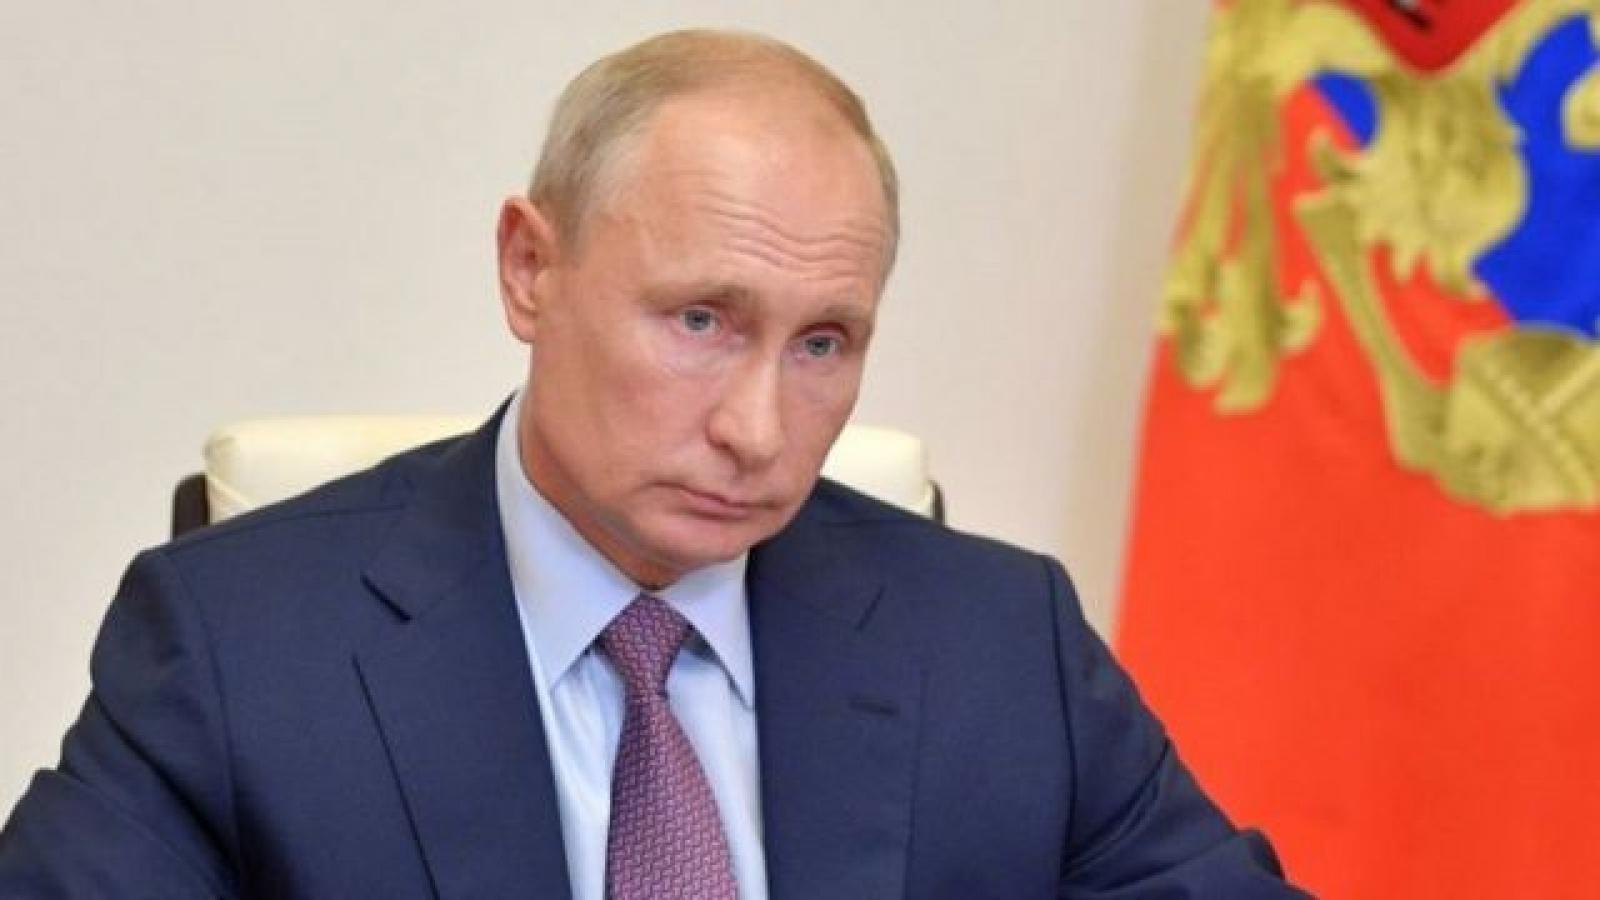 Tổng thống Nga Putin kêu gọi đối thoại cởi mở với Tổng thống Mỹ Biden